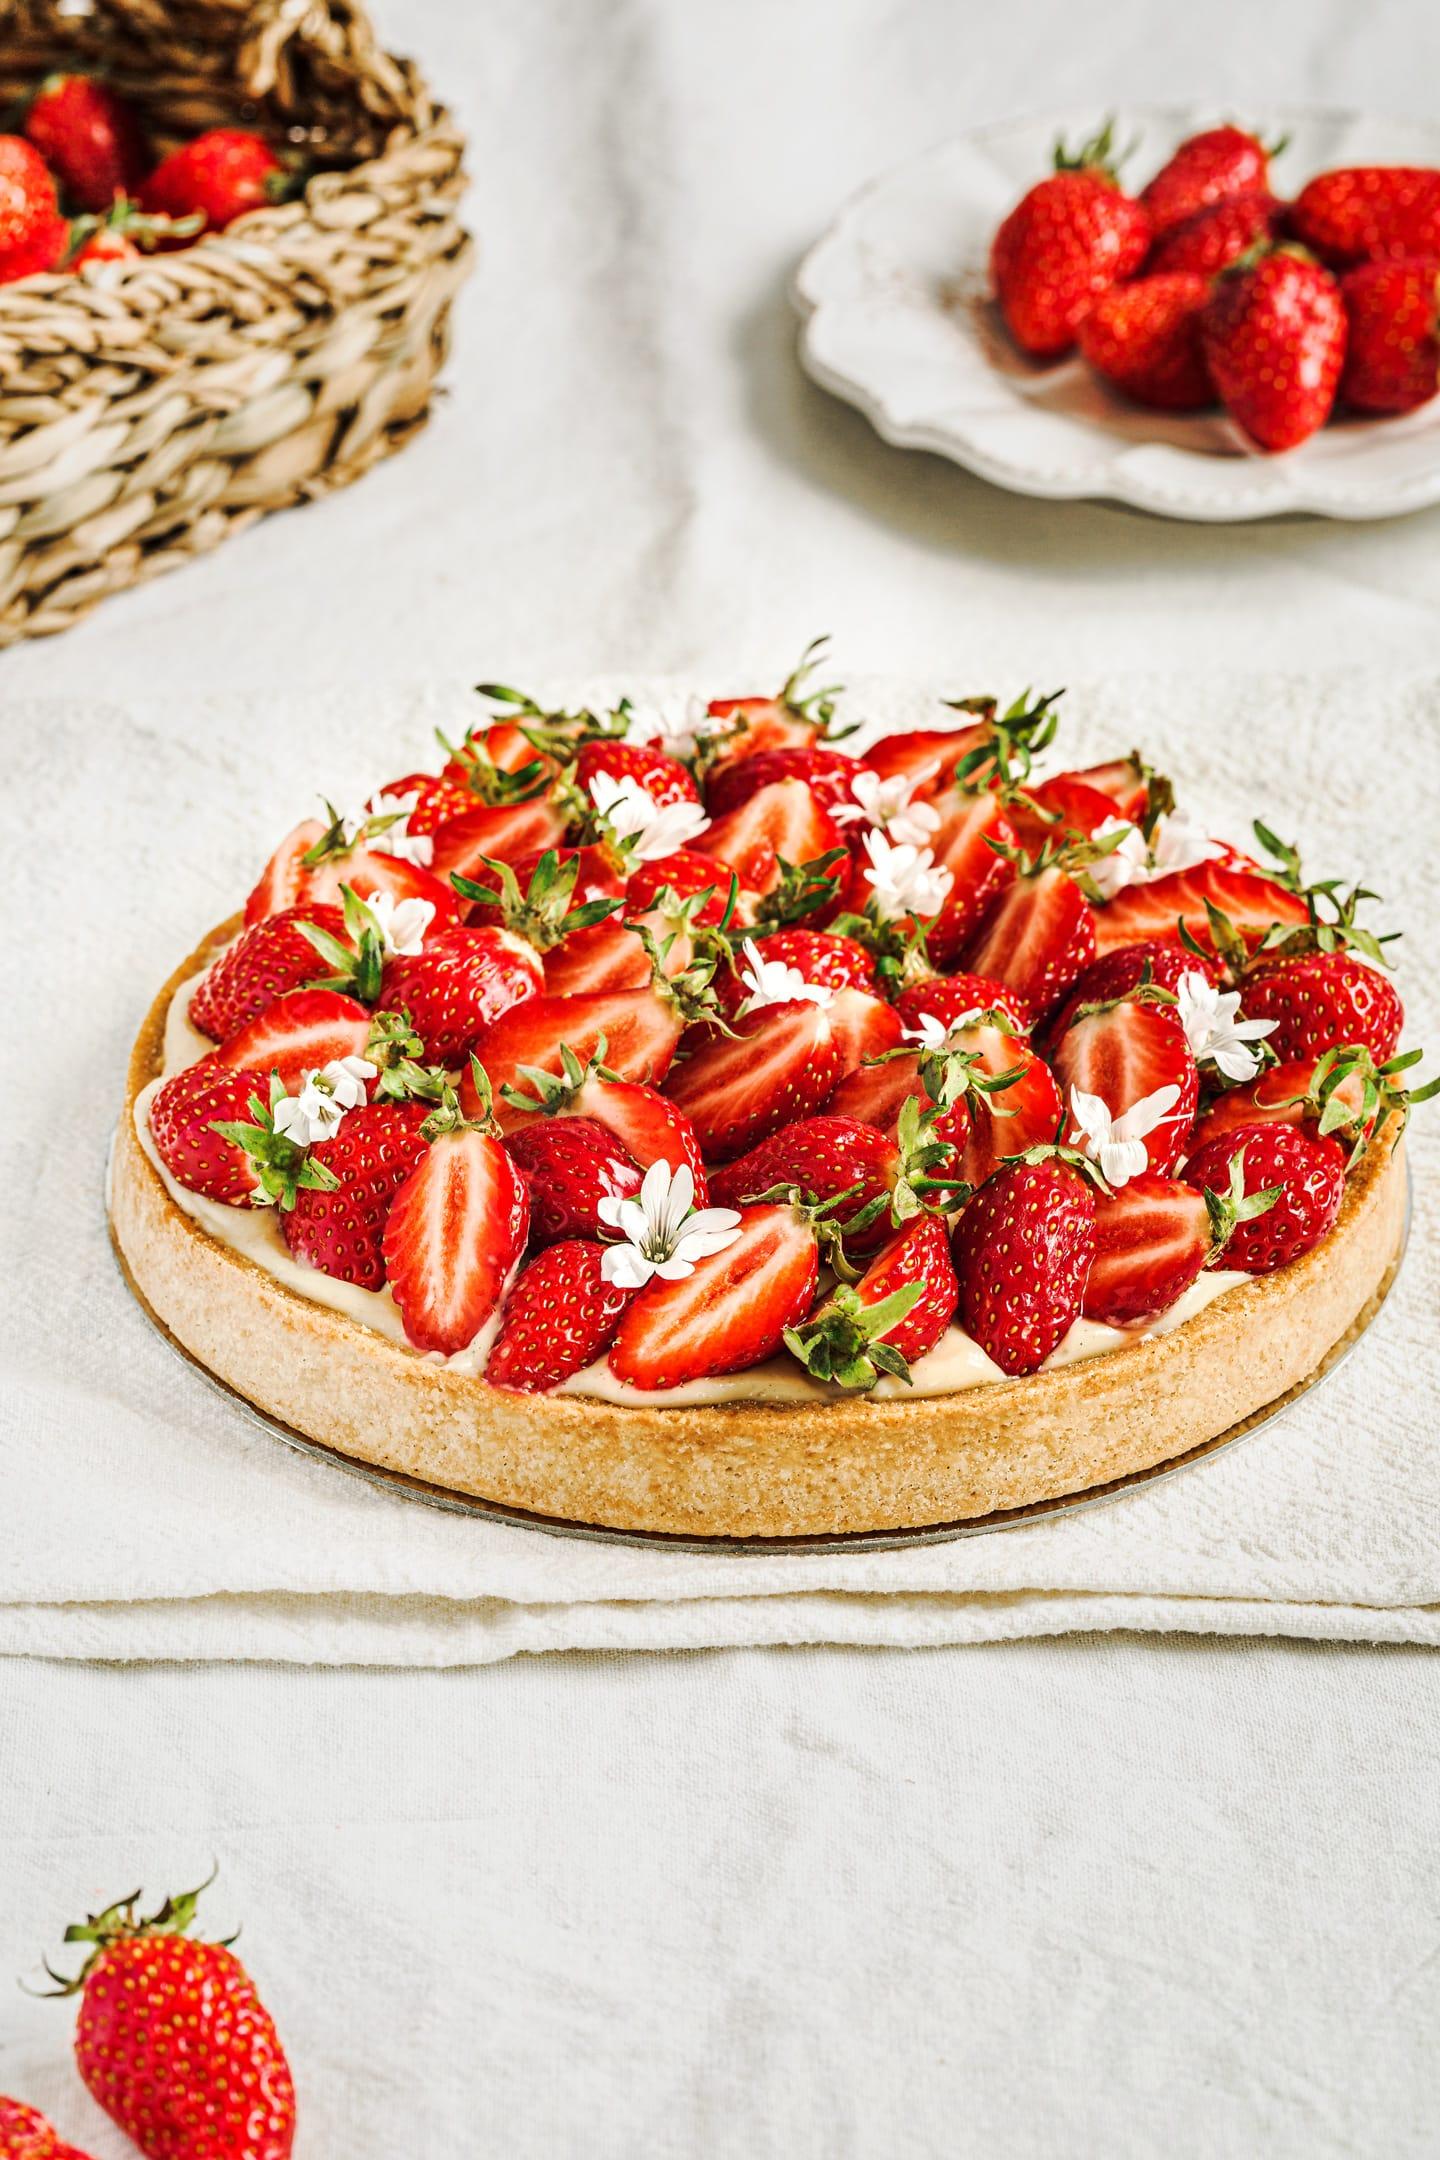 Comment faire la recette de la tarte aux fraises classique